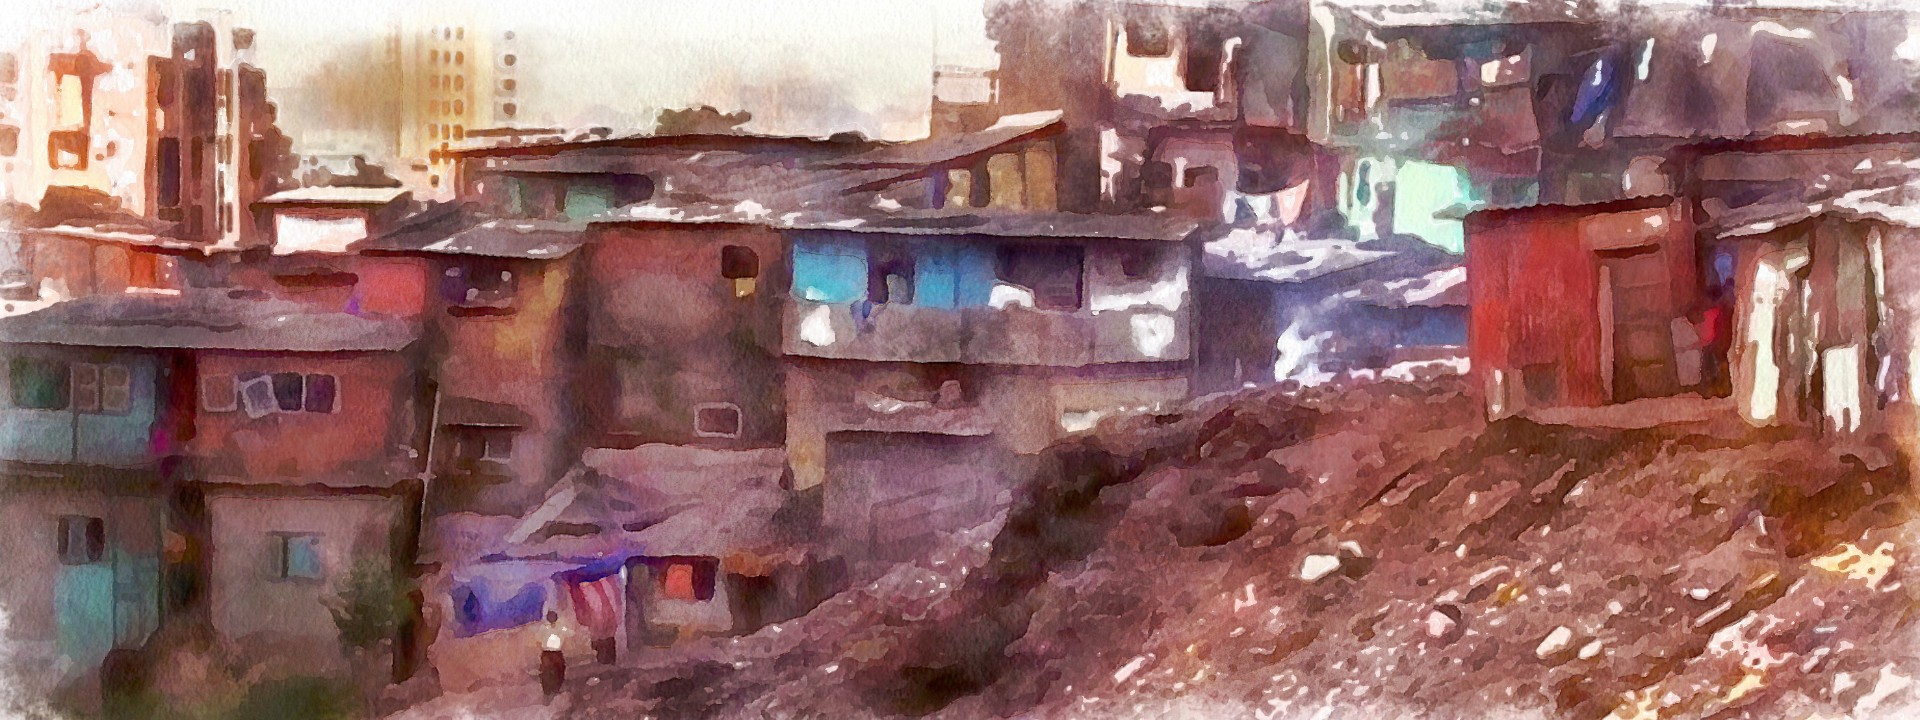 Slums 1.jpg